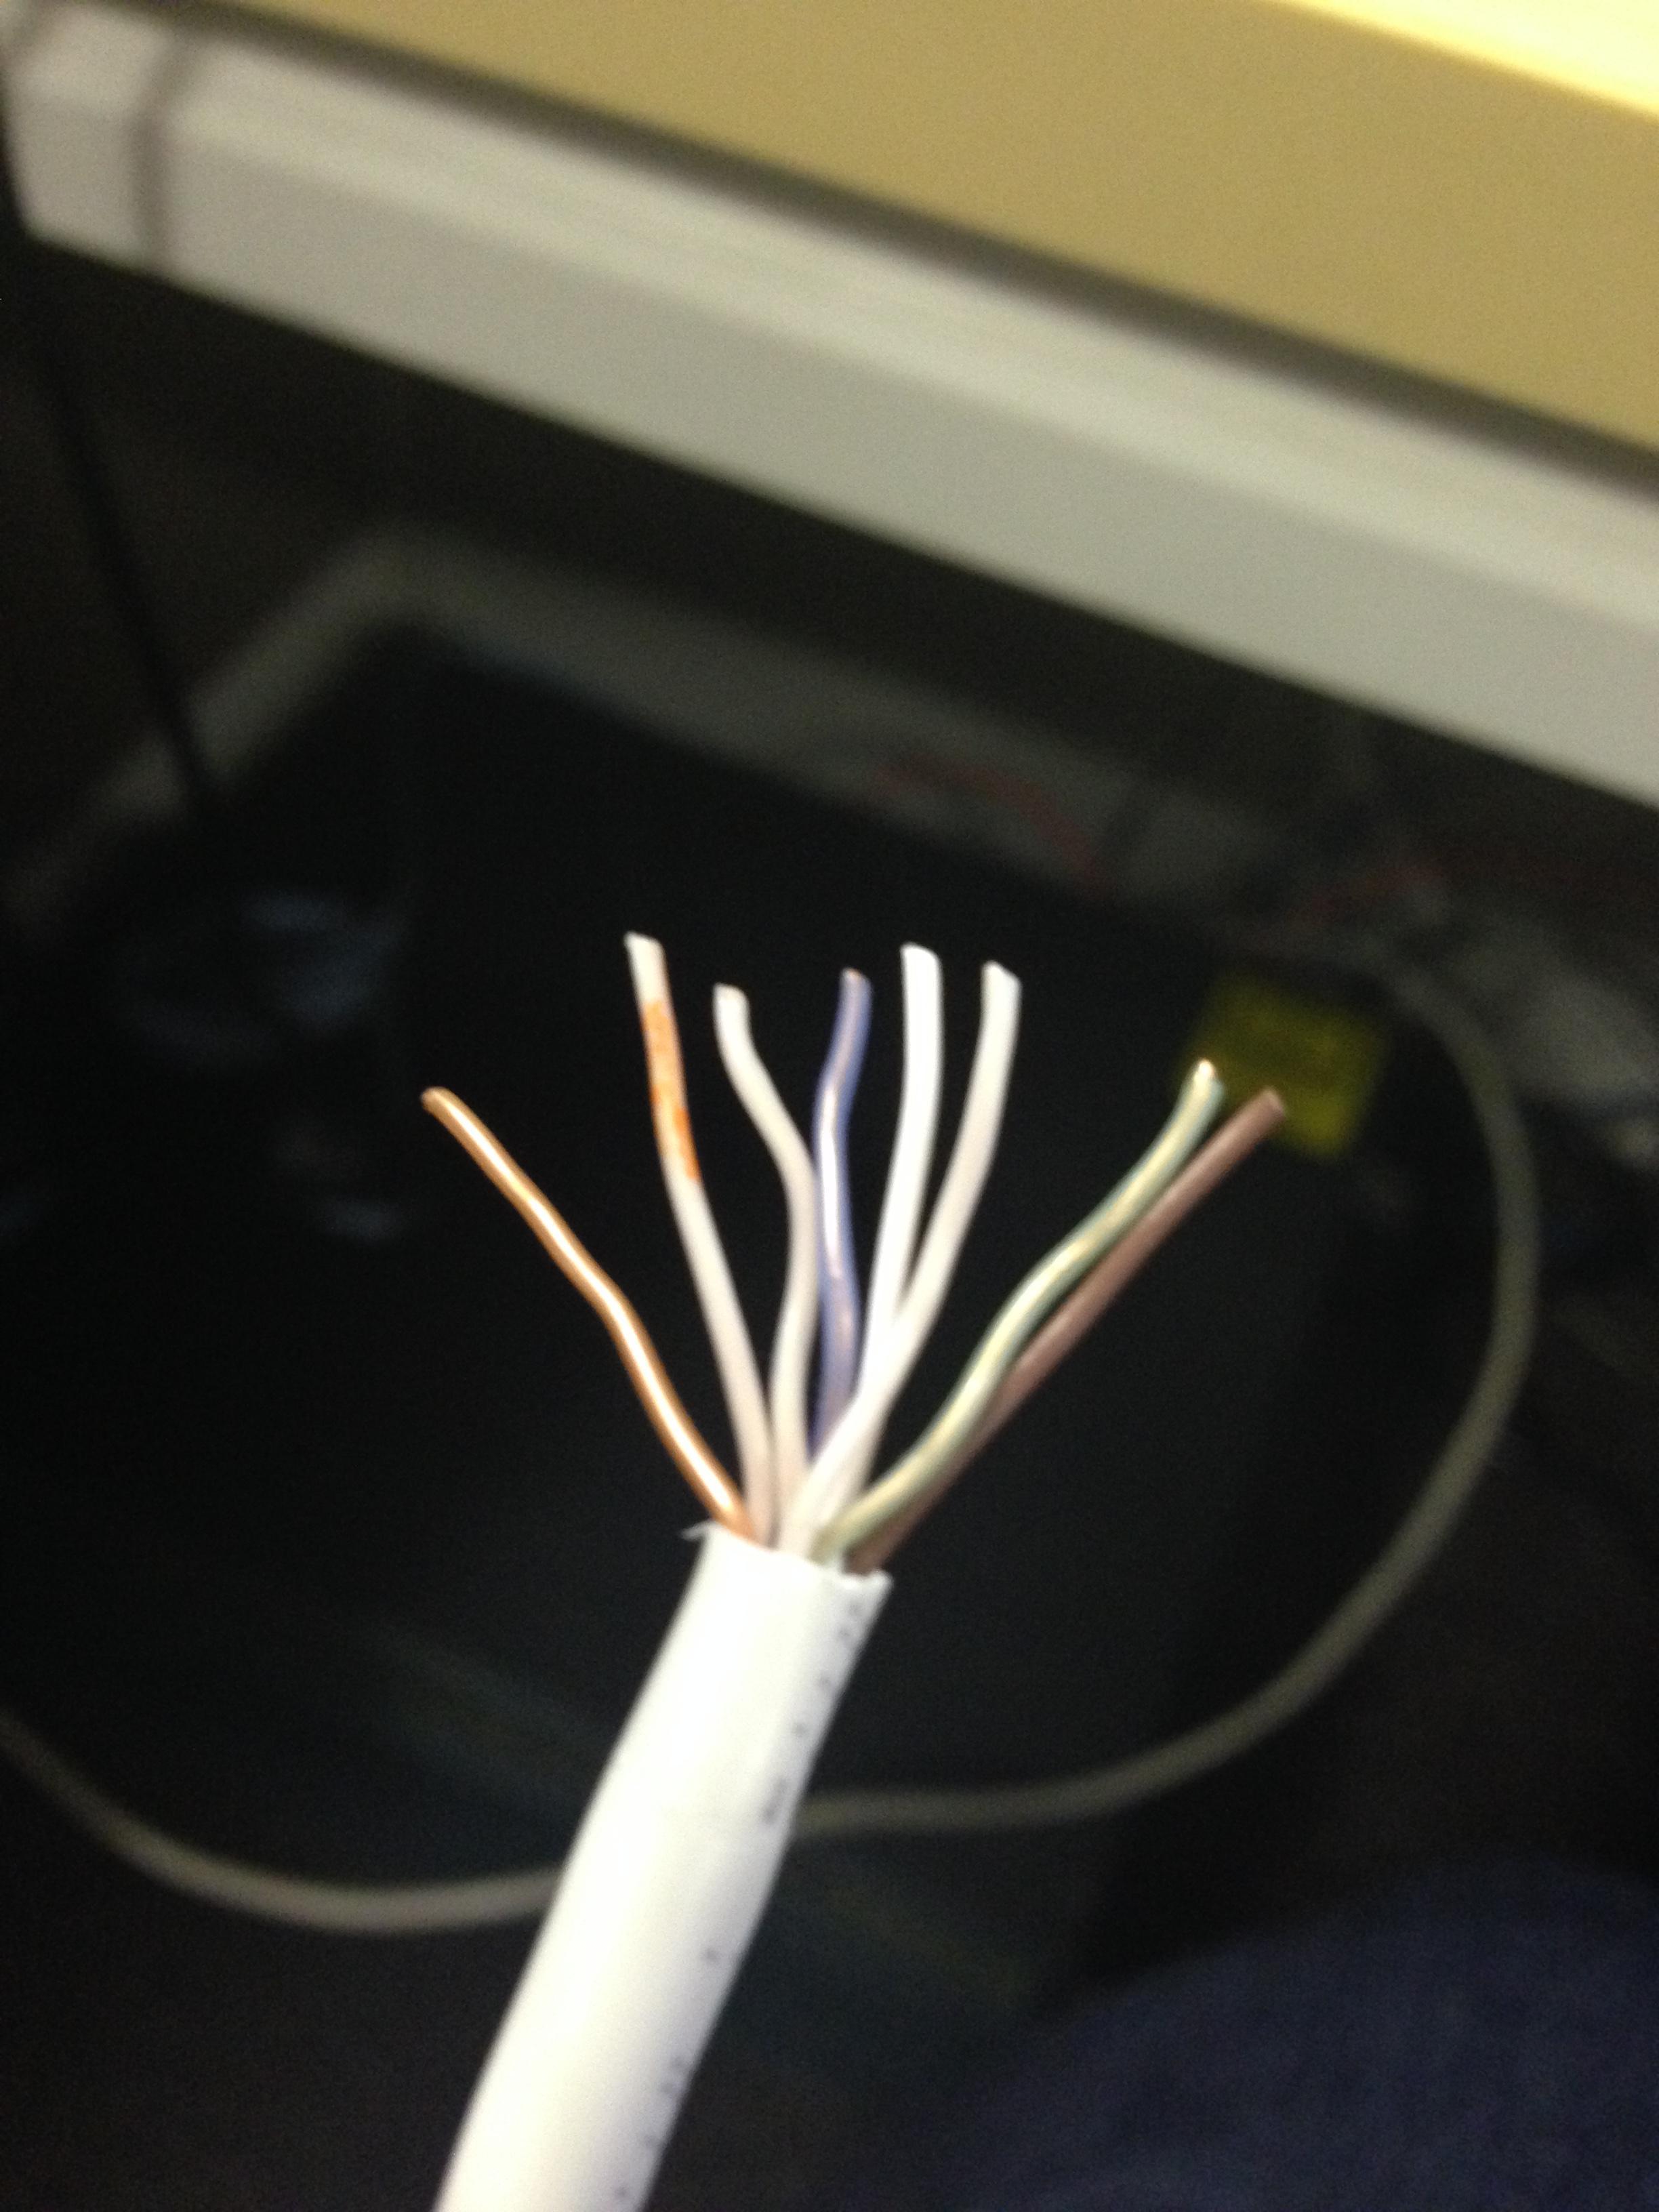 Wiring Cat 5e